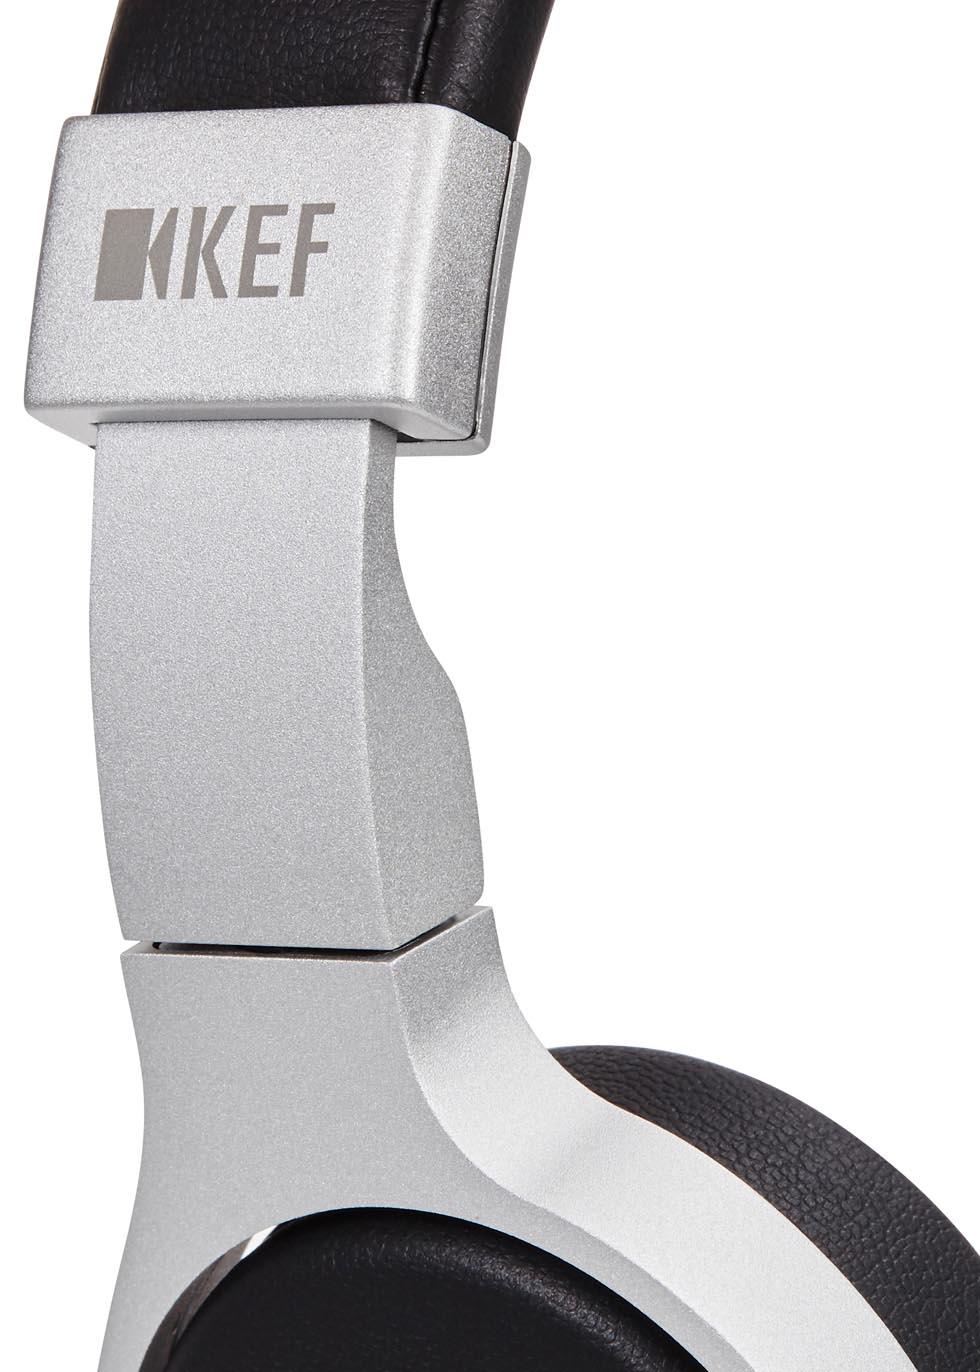 M500 grey aluminium headphones - KEF